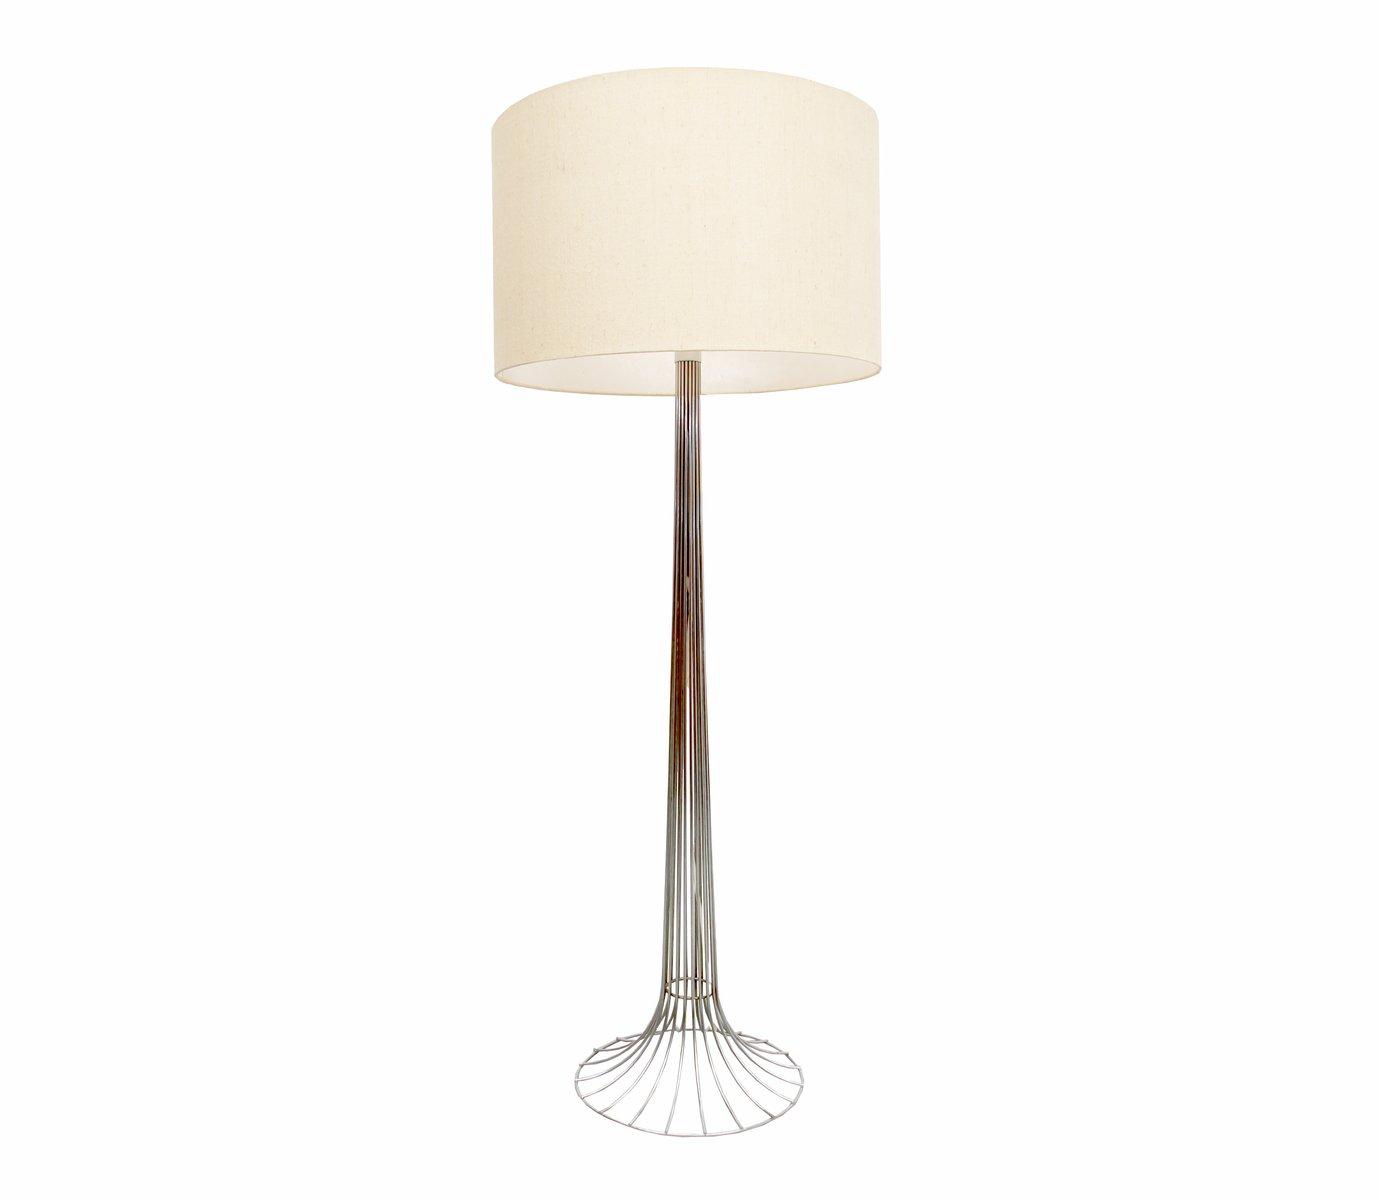 vintage draht stehlampe von verner panton f r fritz hansen bei pamono kaufen. Black Bedroom Furniture Sets. Home Design Ideas